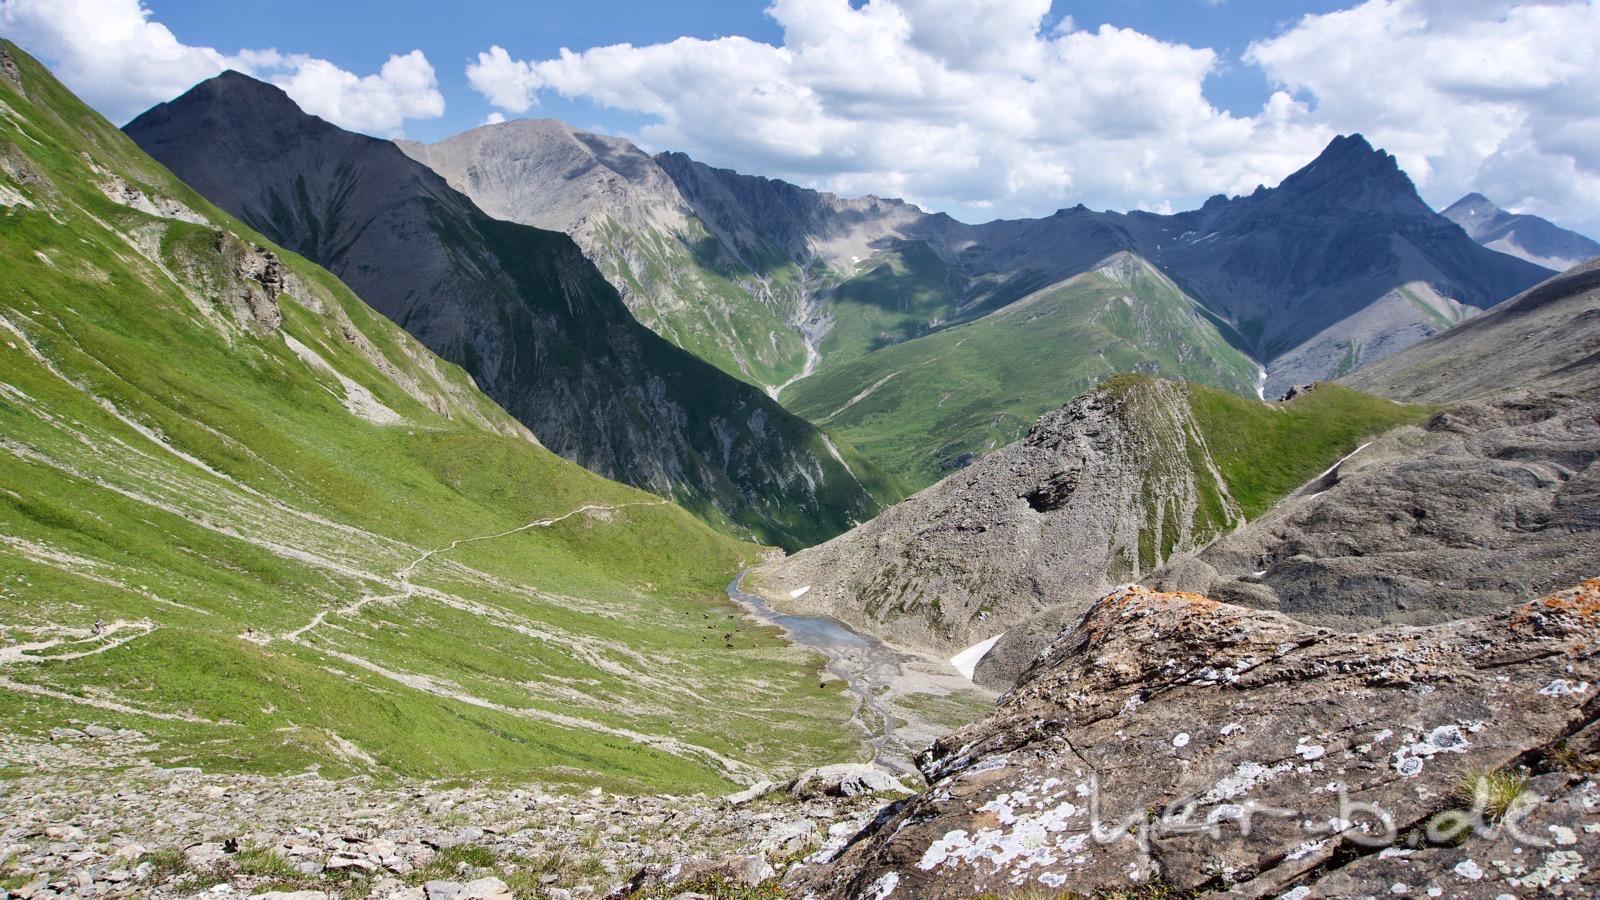 Die Abfahrt vom Fimberpass Richtung Ramosch.